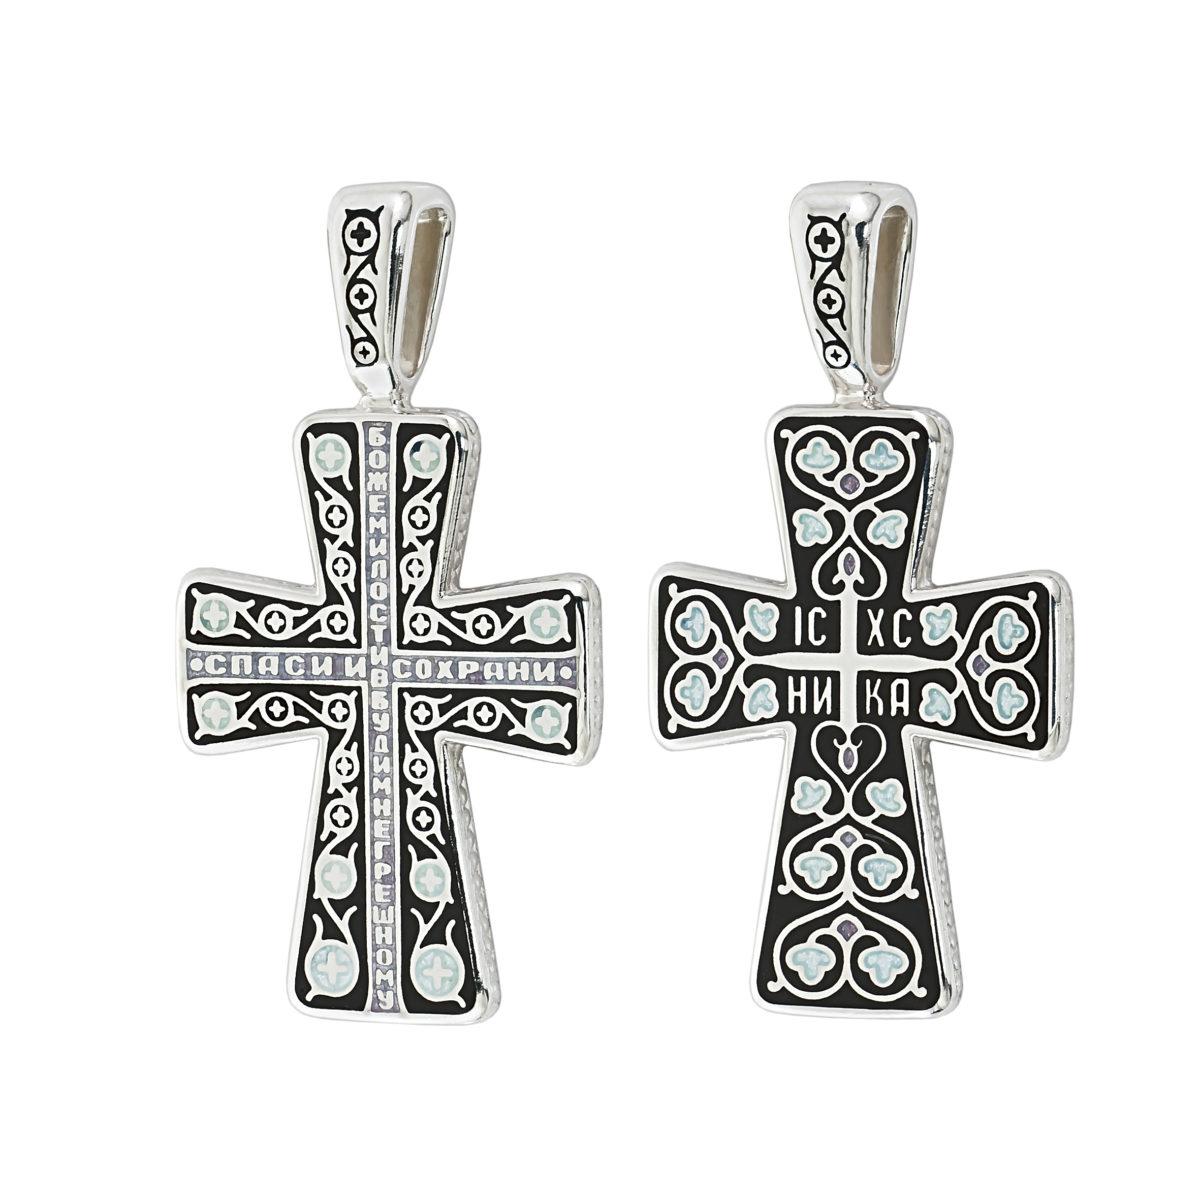 """8.69 2 1200x1200 - Нательный крест из серебра """"Молитва мытаря"""", черный"""